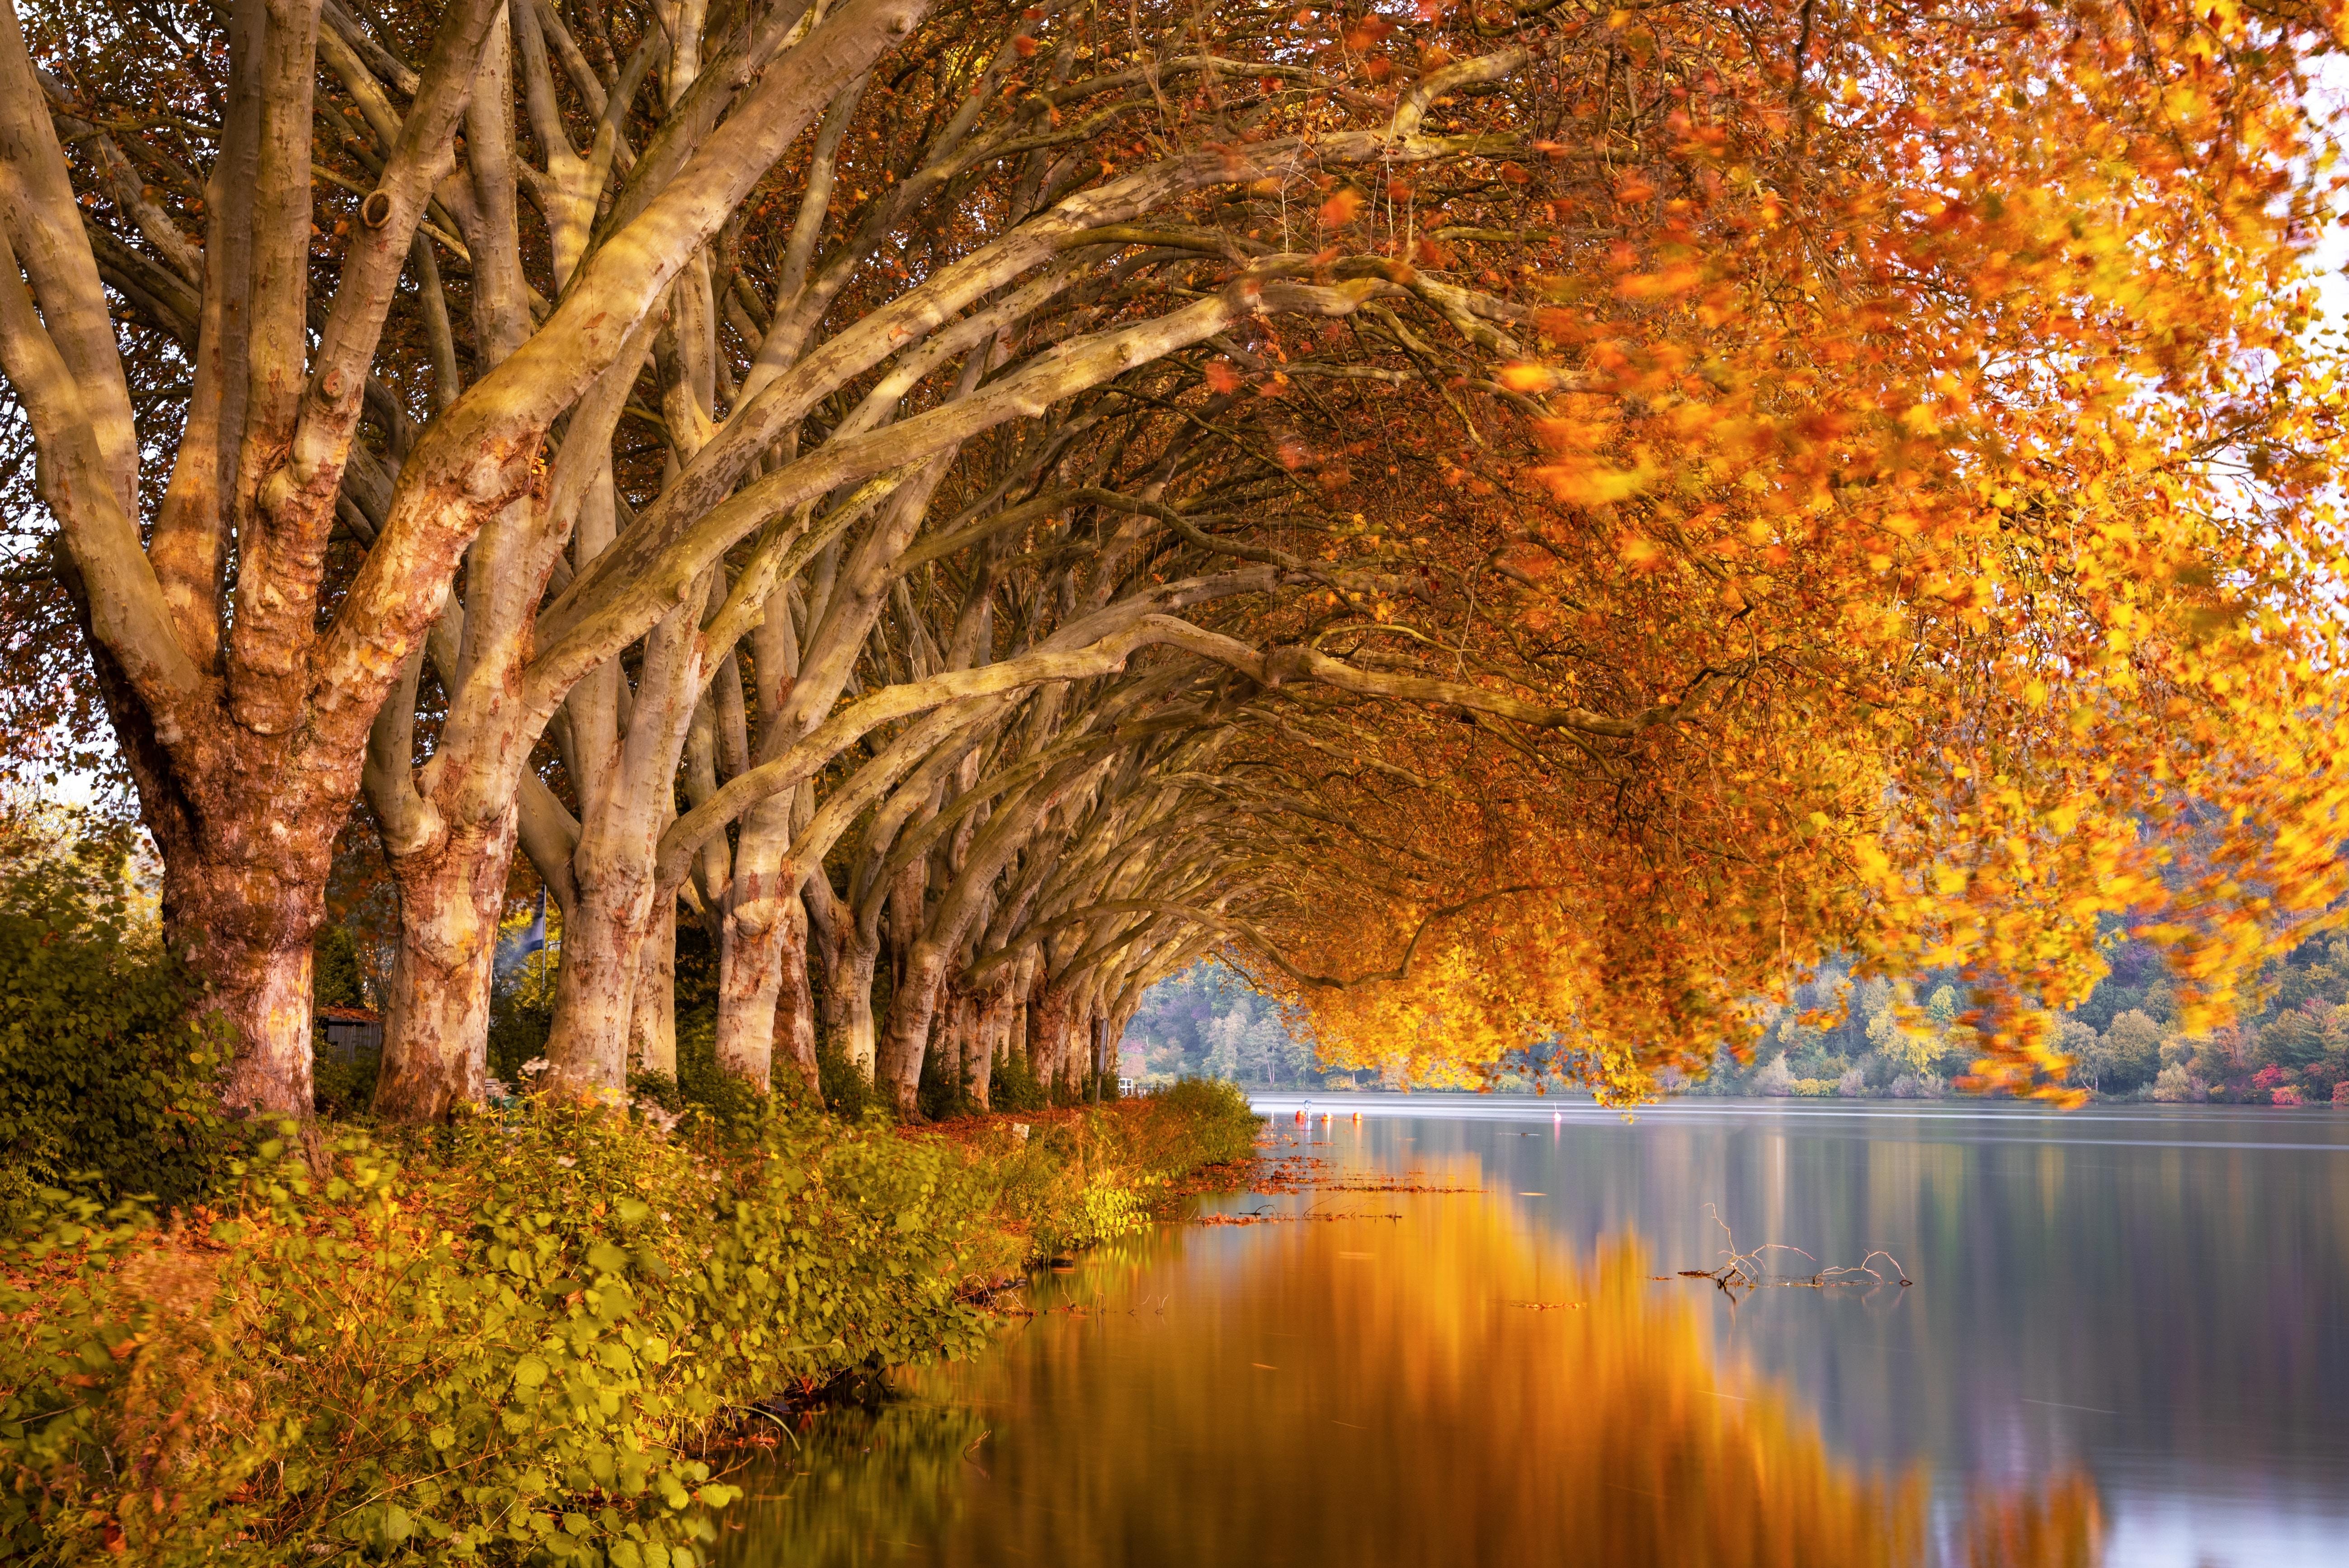 autumn trees 1579381247 - Autumn Trees - Autumn Trees wallpapers 4k, Autumn Trees landscape wallpapers 4k, Autumn Trees 4k wallpapers